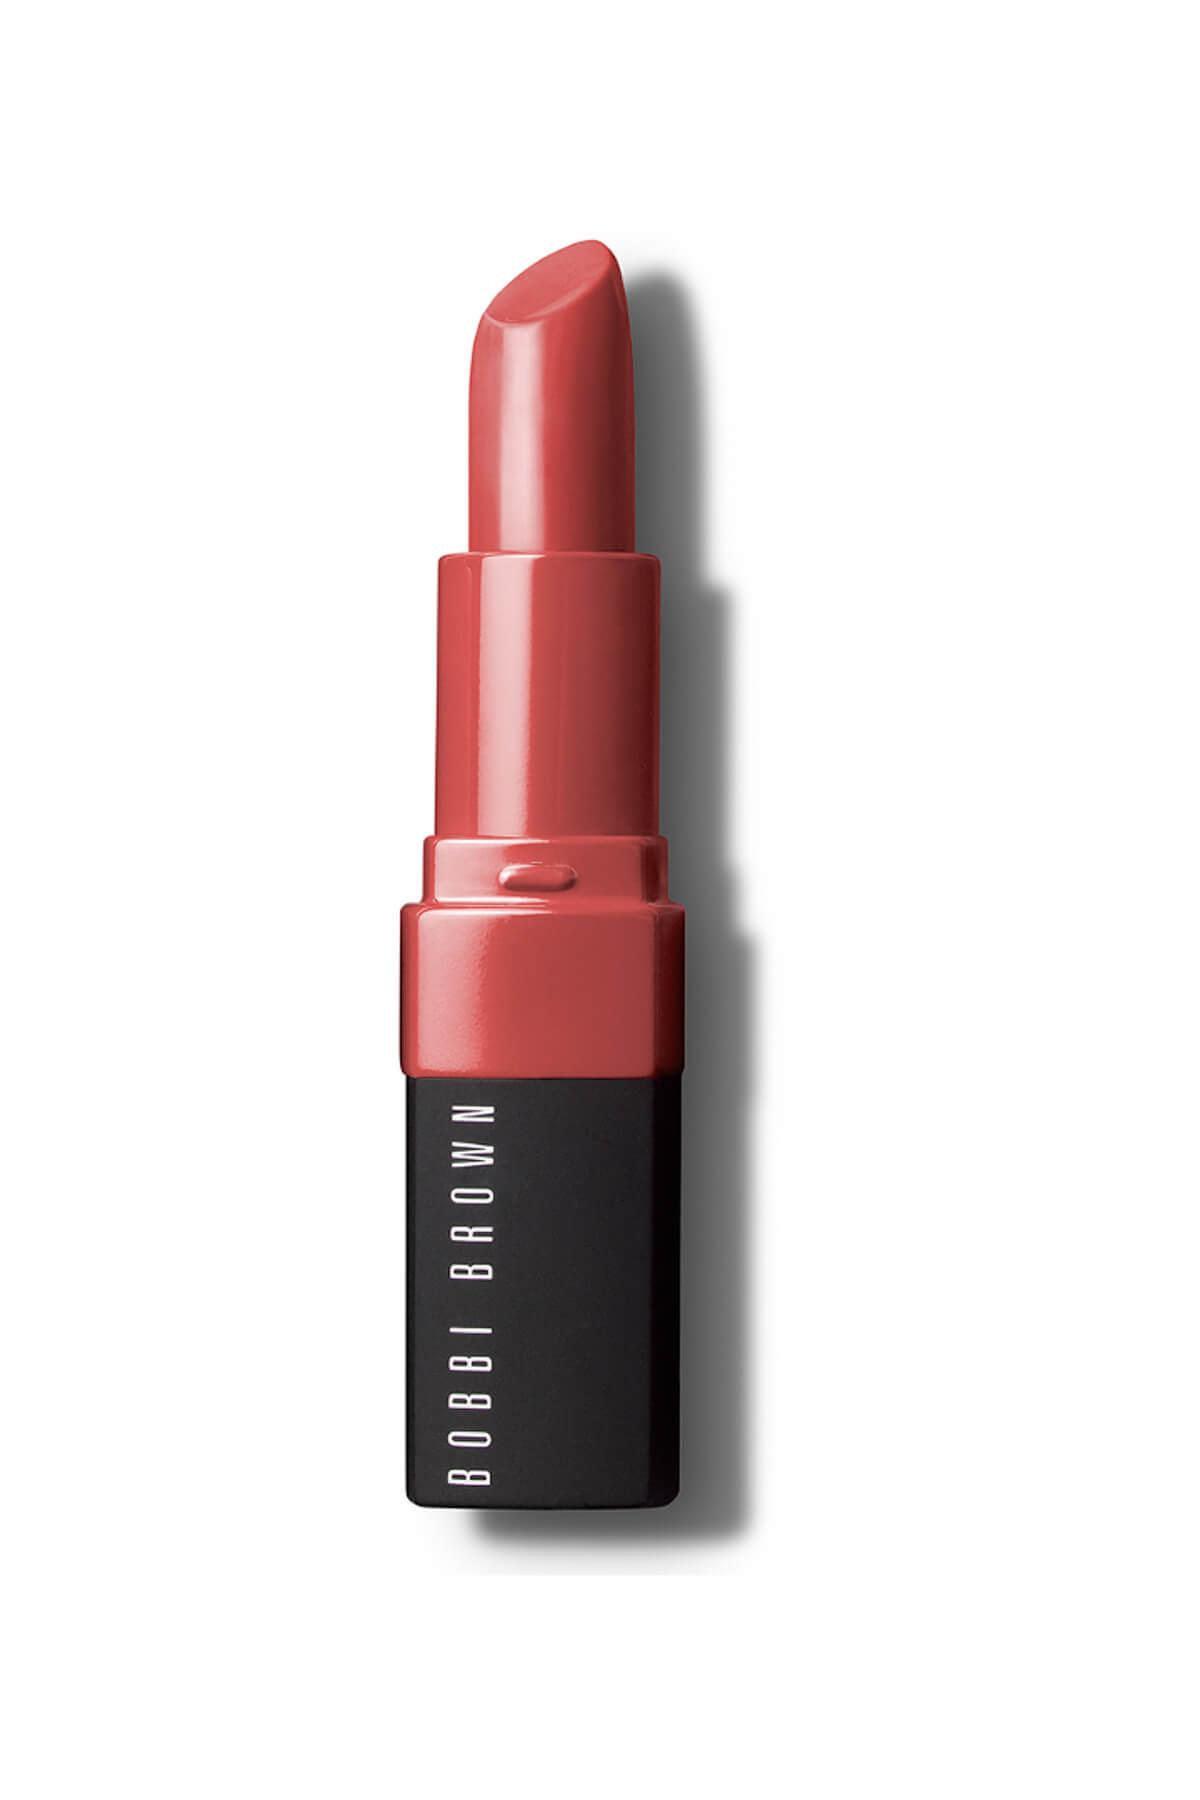 BOBBI BROWN Crushed Lip Color / Ruj Fh17 3.4g Cabana 716170190983 1